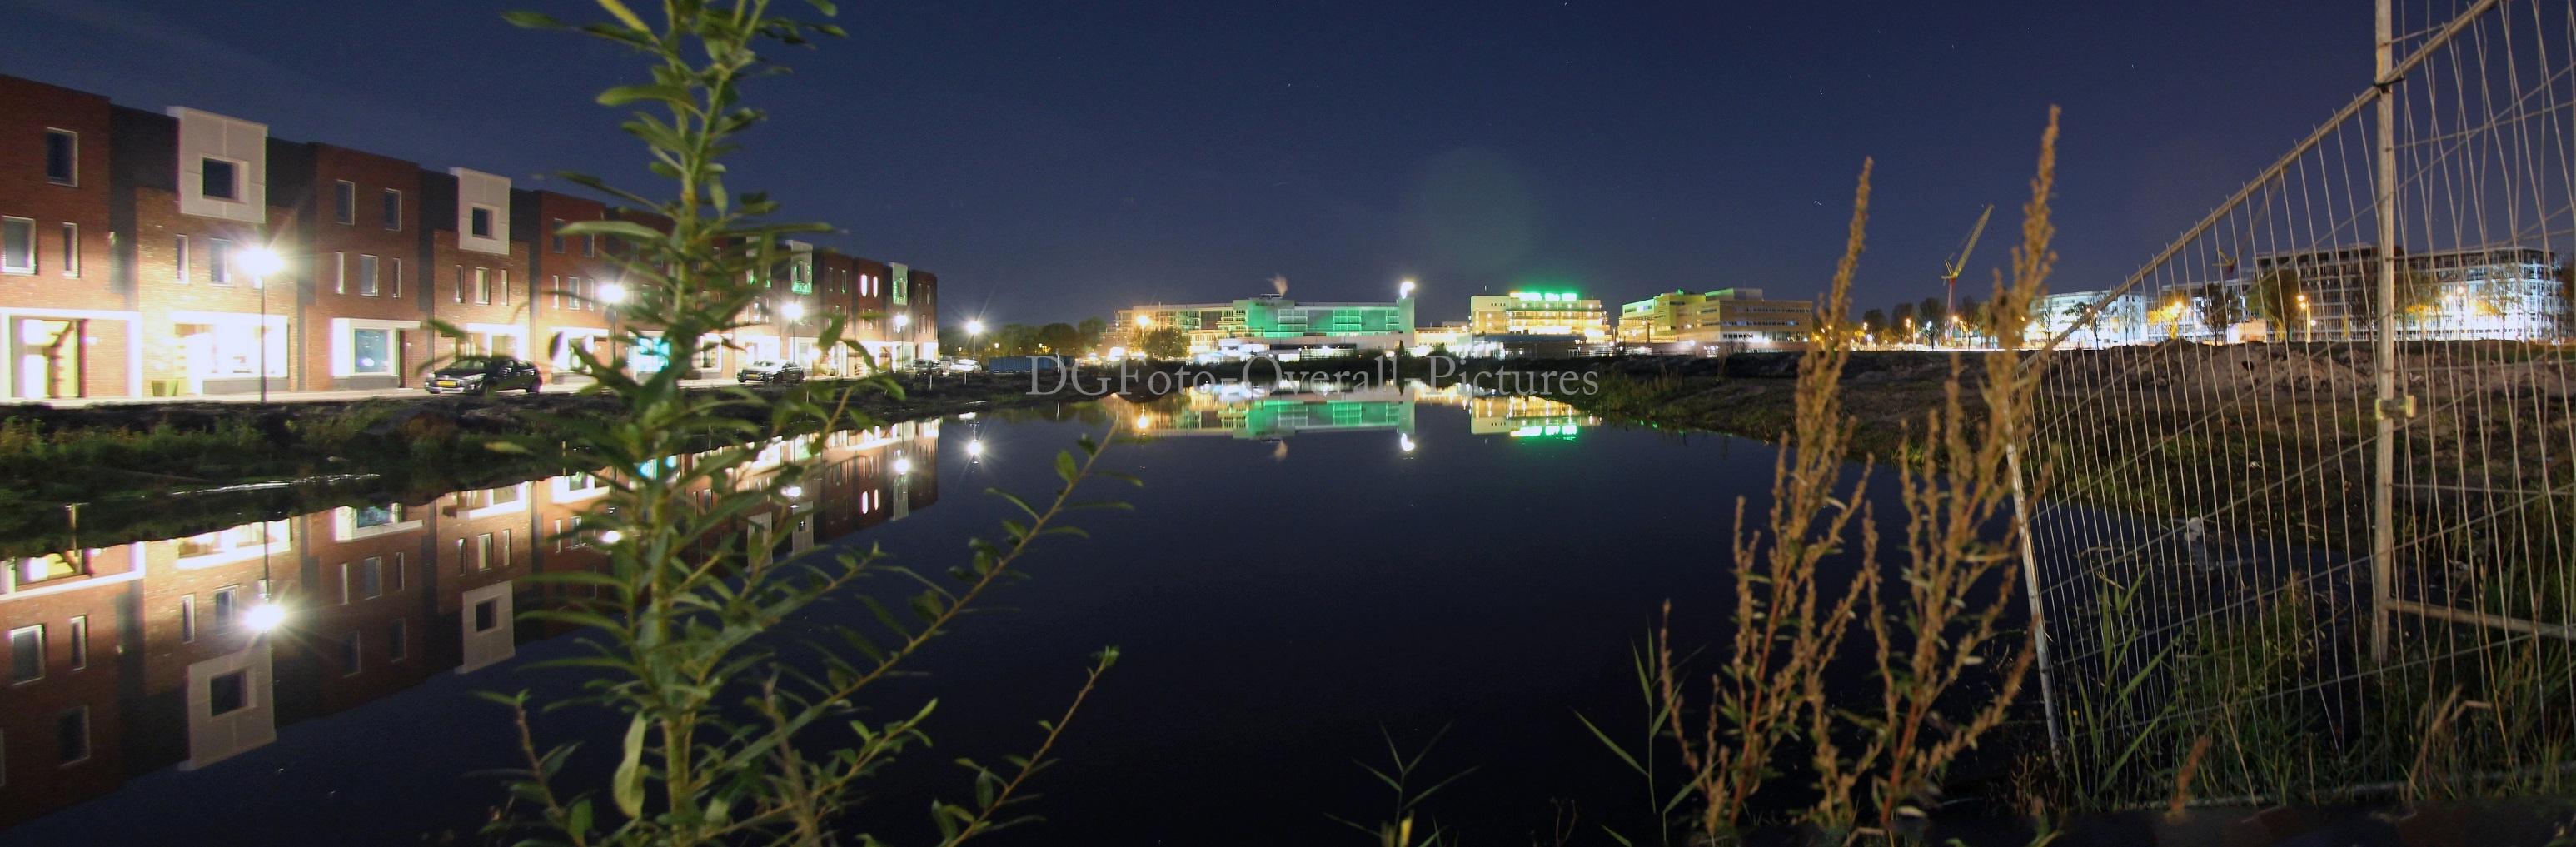 Nachtwerk_Entree van Haarlem_panorama1_bewerkt-2